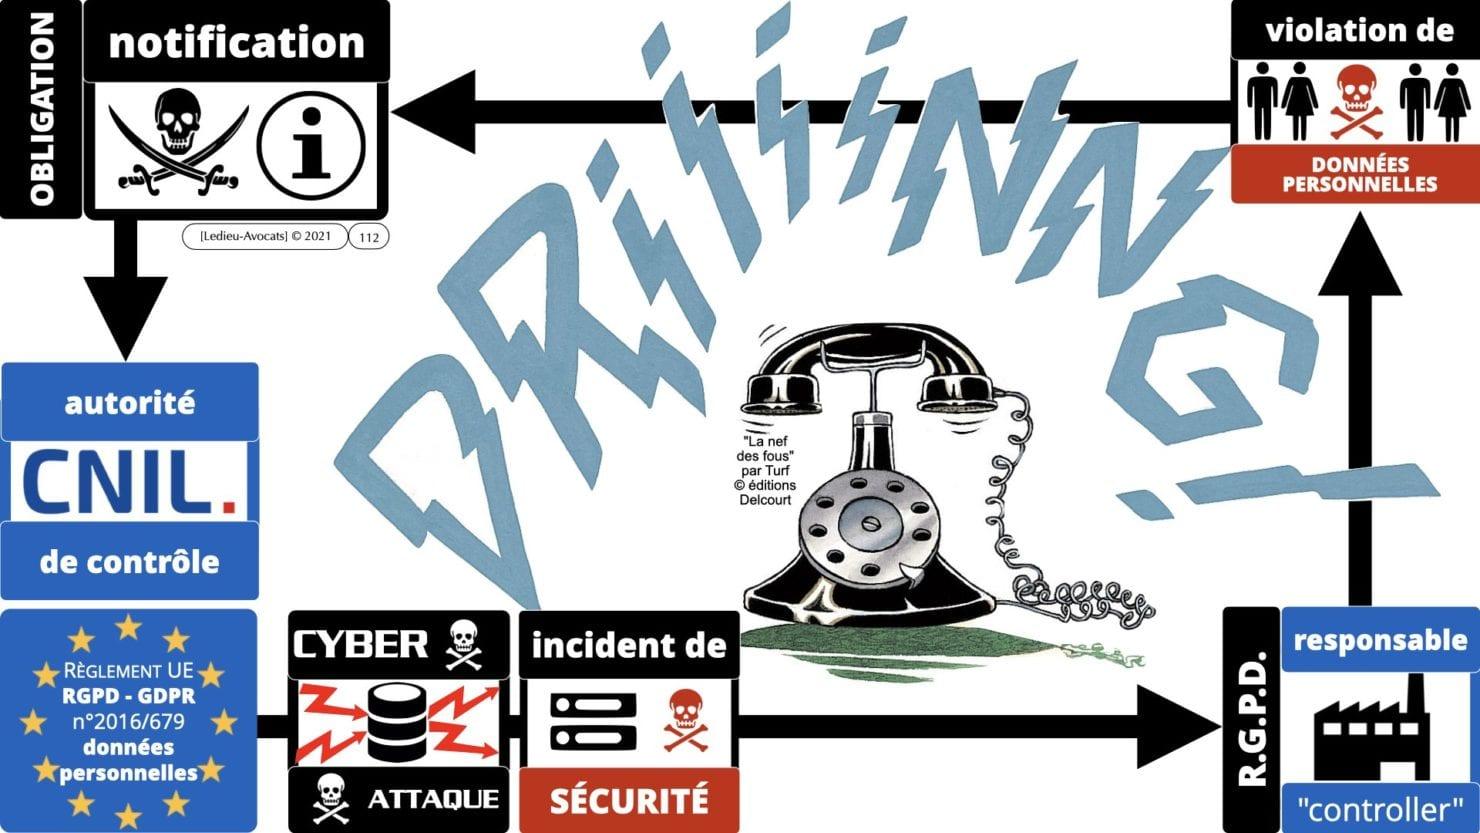 333 CYBER ATTAQUE responsabilité pénale civile contrat © Ledieu-Avocats 23-05-2021.112